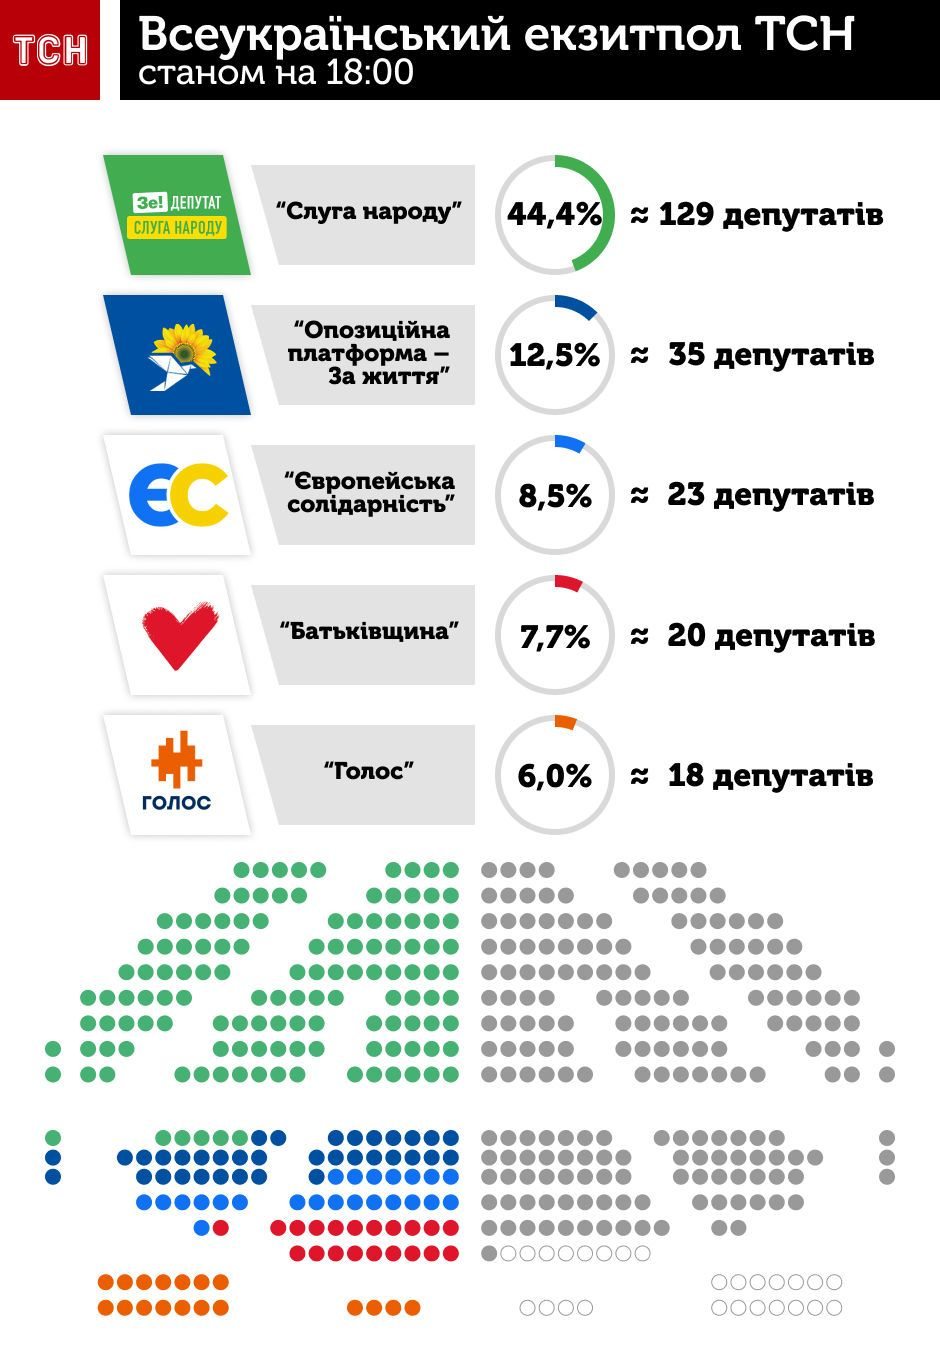 Місця у Раді за даними екзитполу, інфографіка